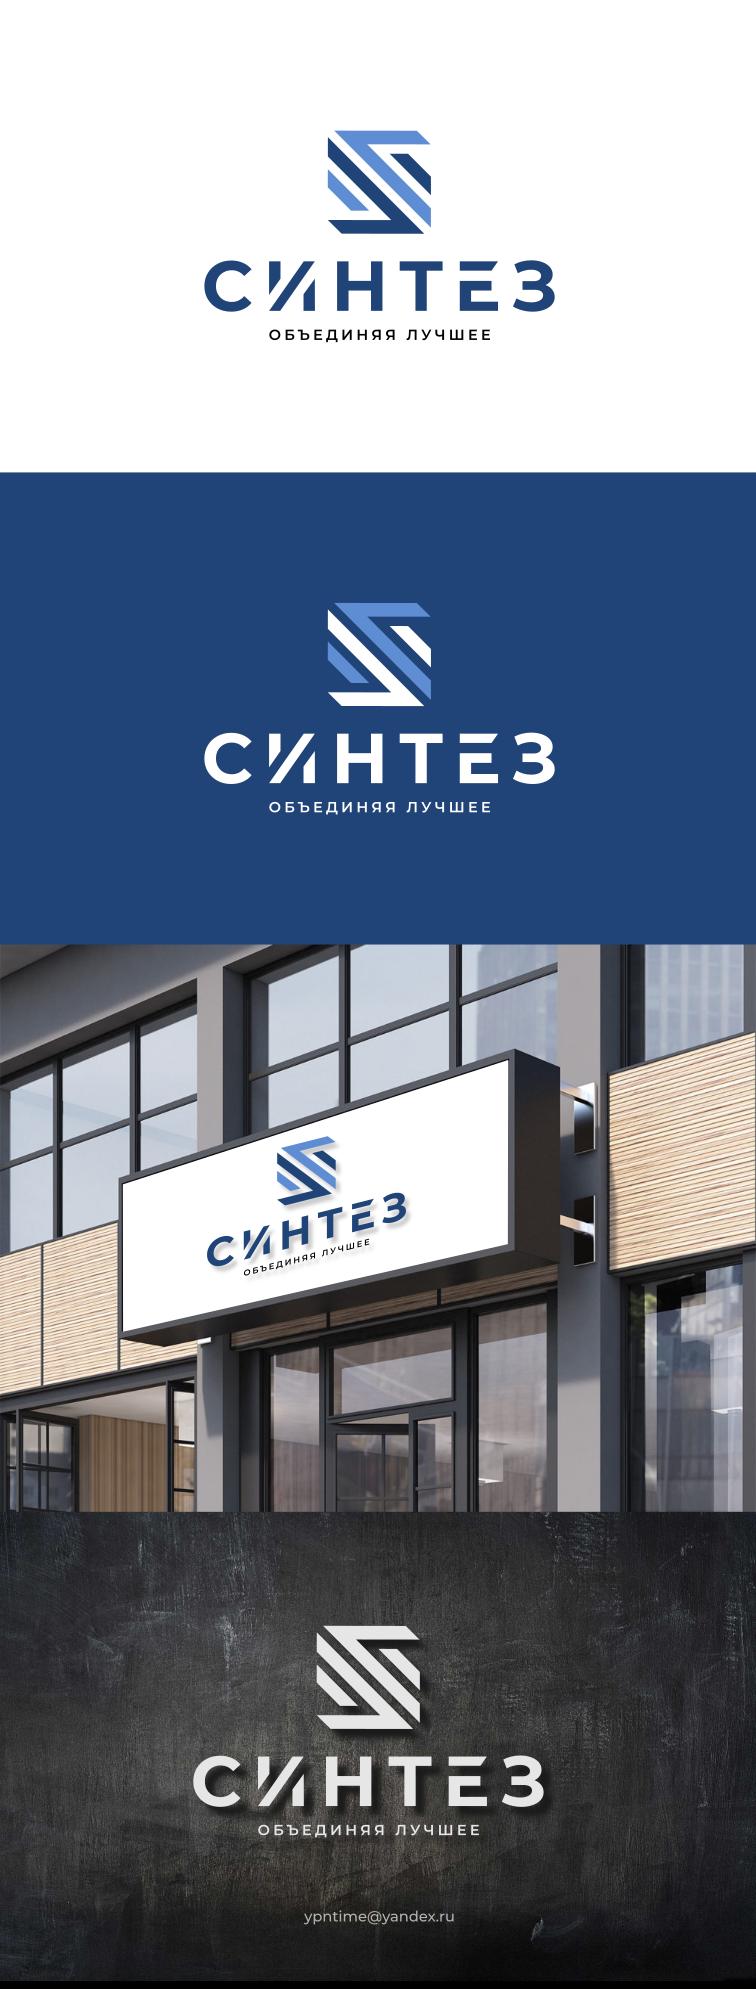 Разрабтка логотипа компании и фирменного шрифта фото f_3465f6310f3a446d.png